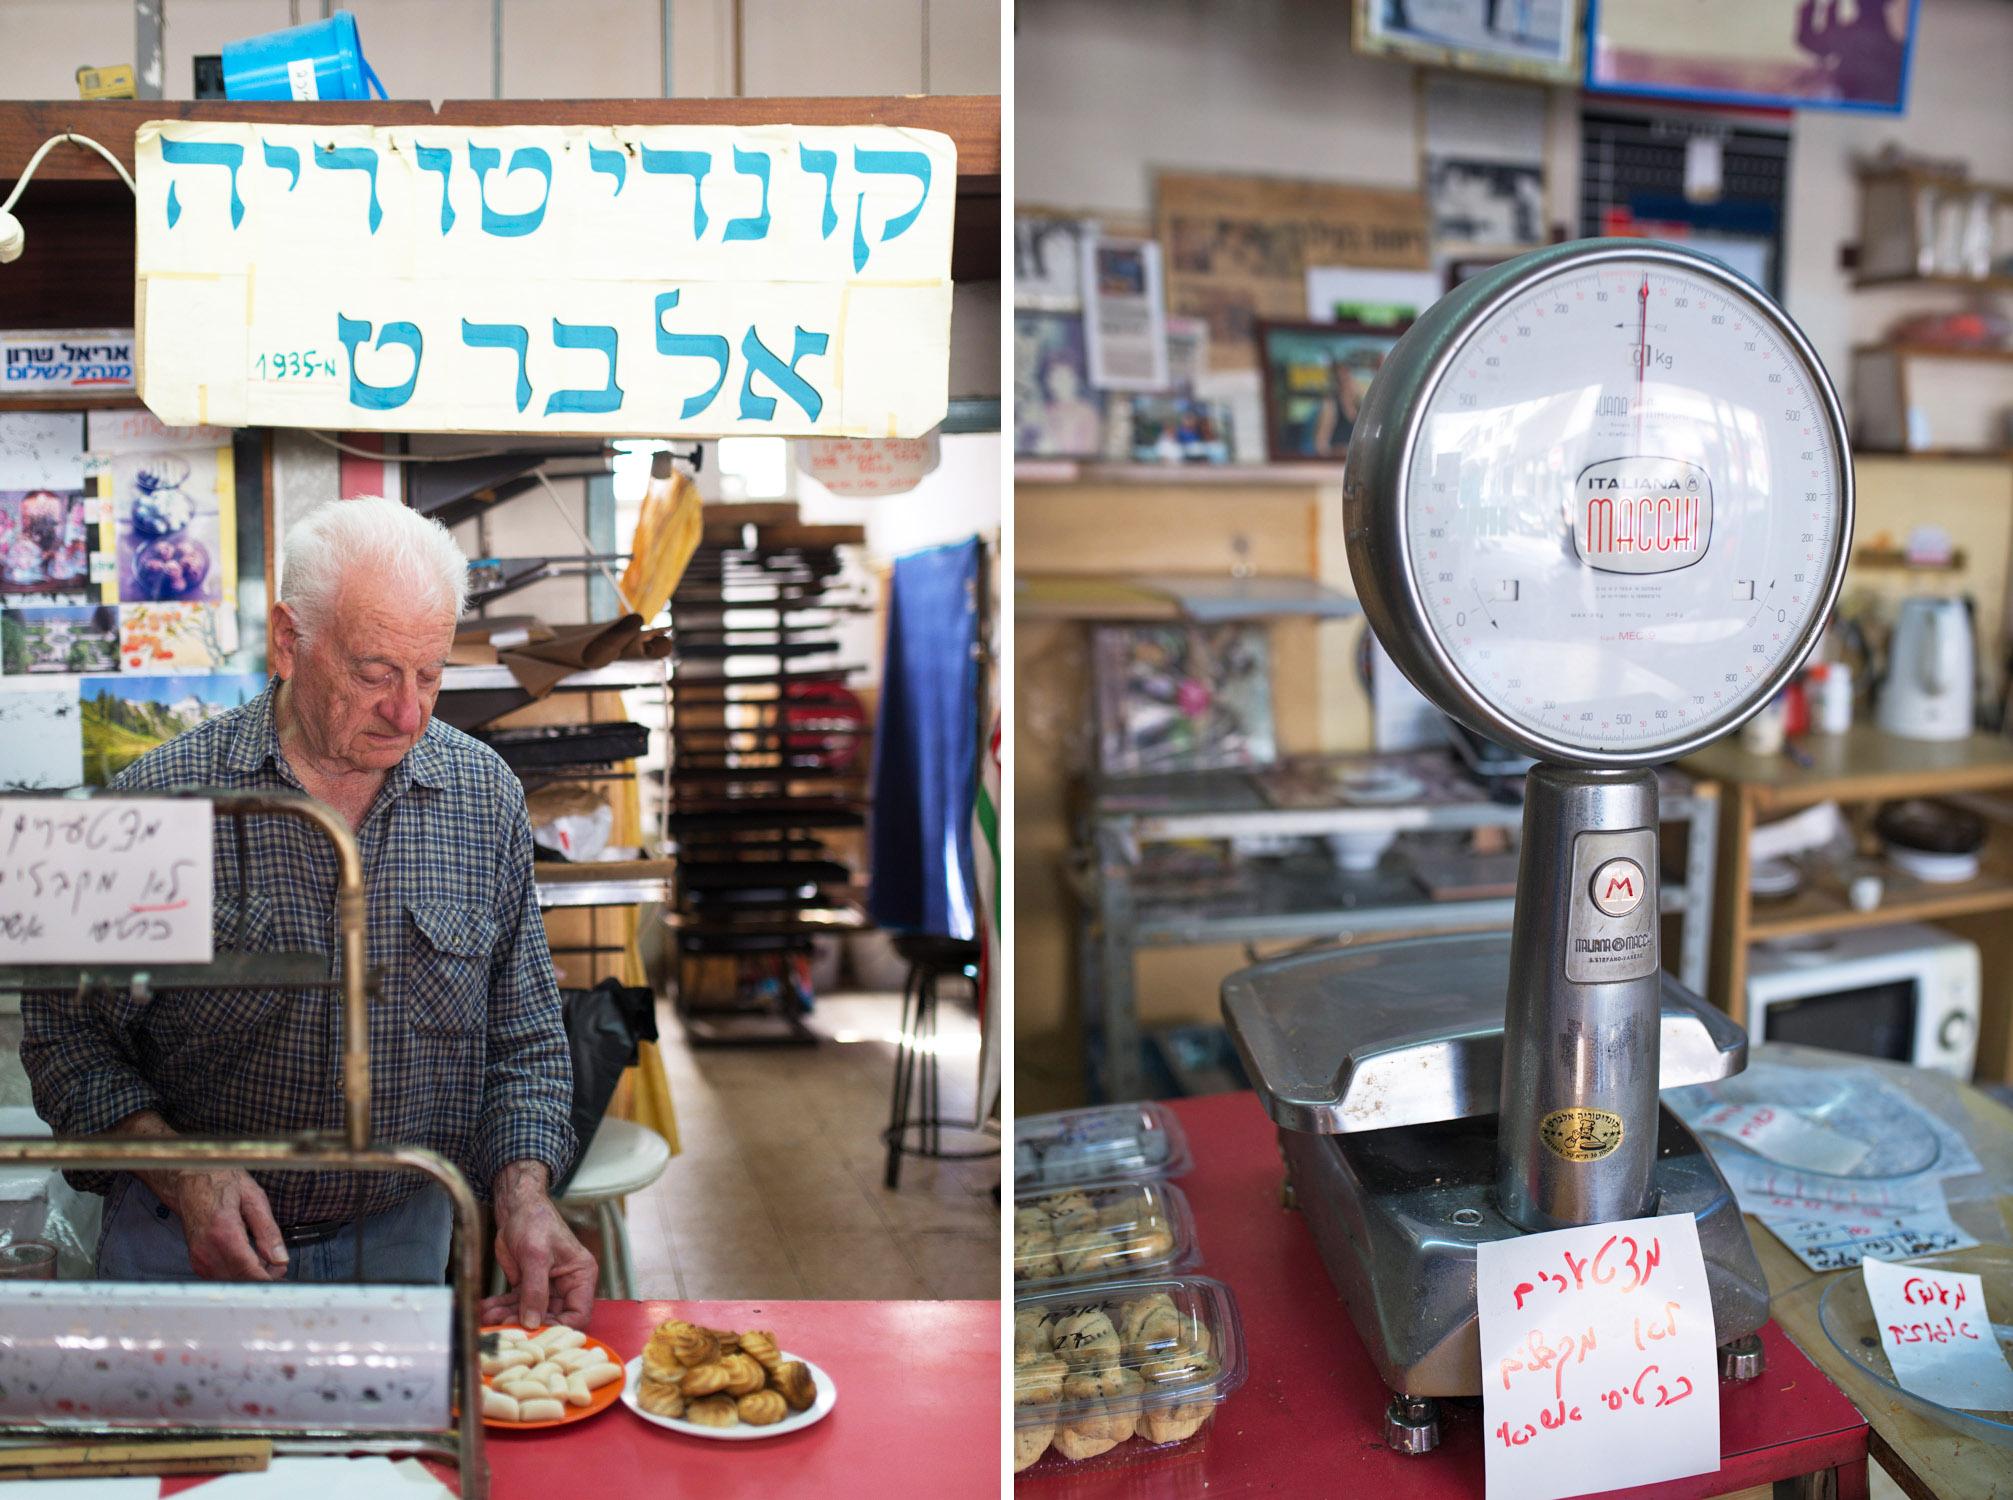 Albert's Cookies in Levinsky Market. Tel Aviv, Israel.